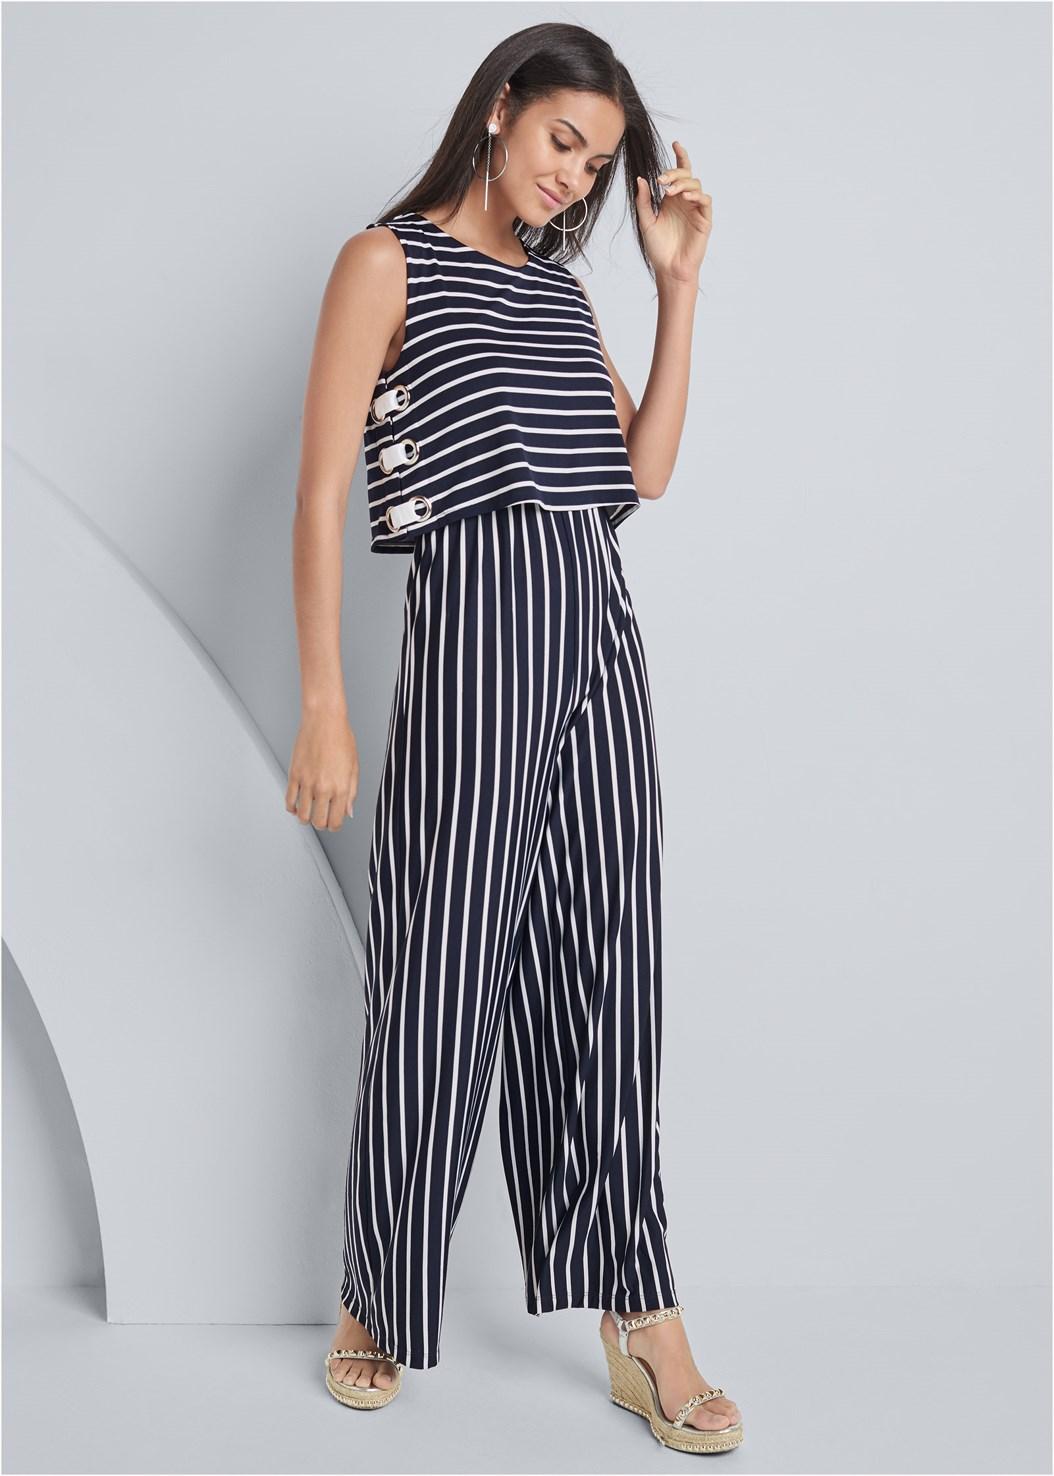 Striped Grommet Jumpsuit,Embellished Wedge